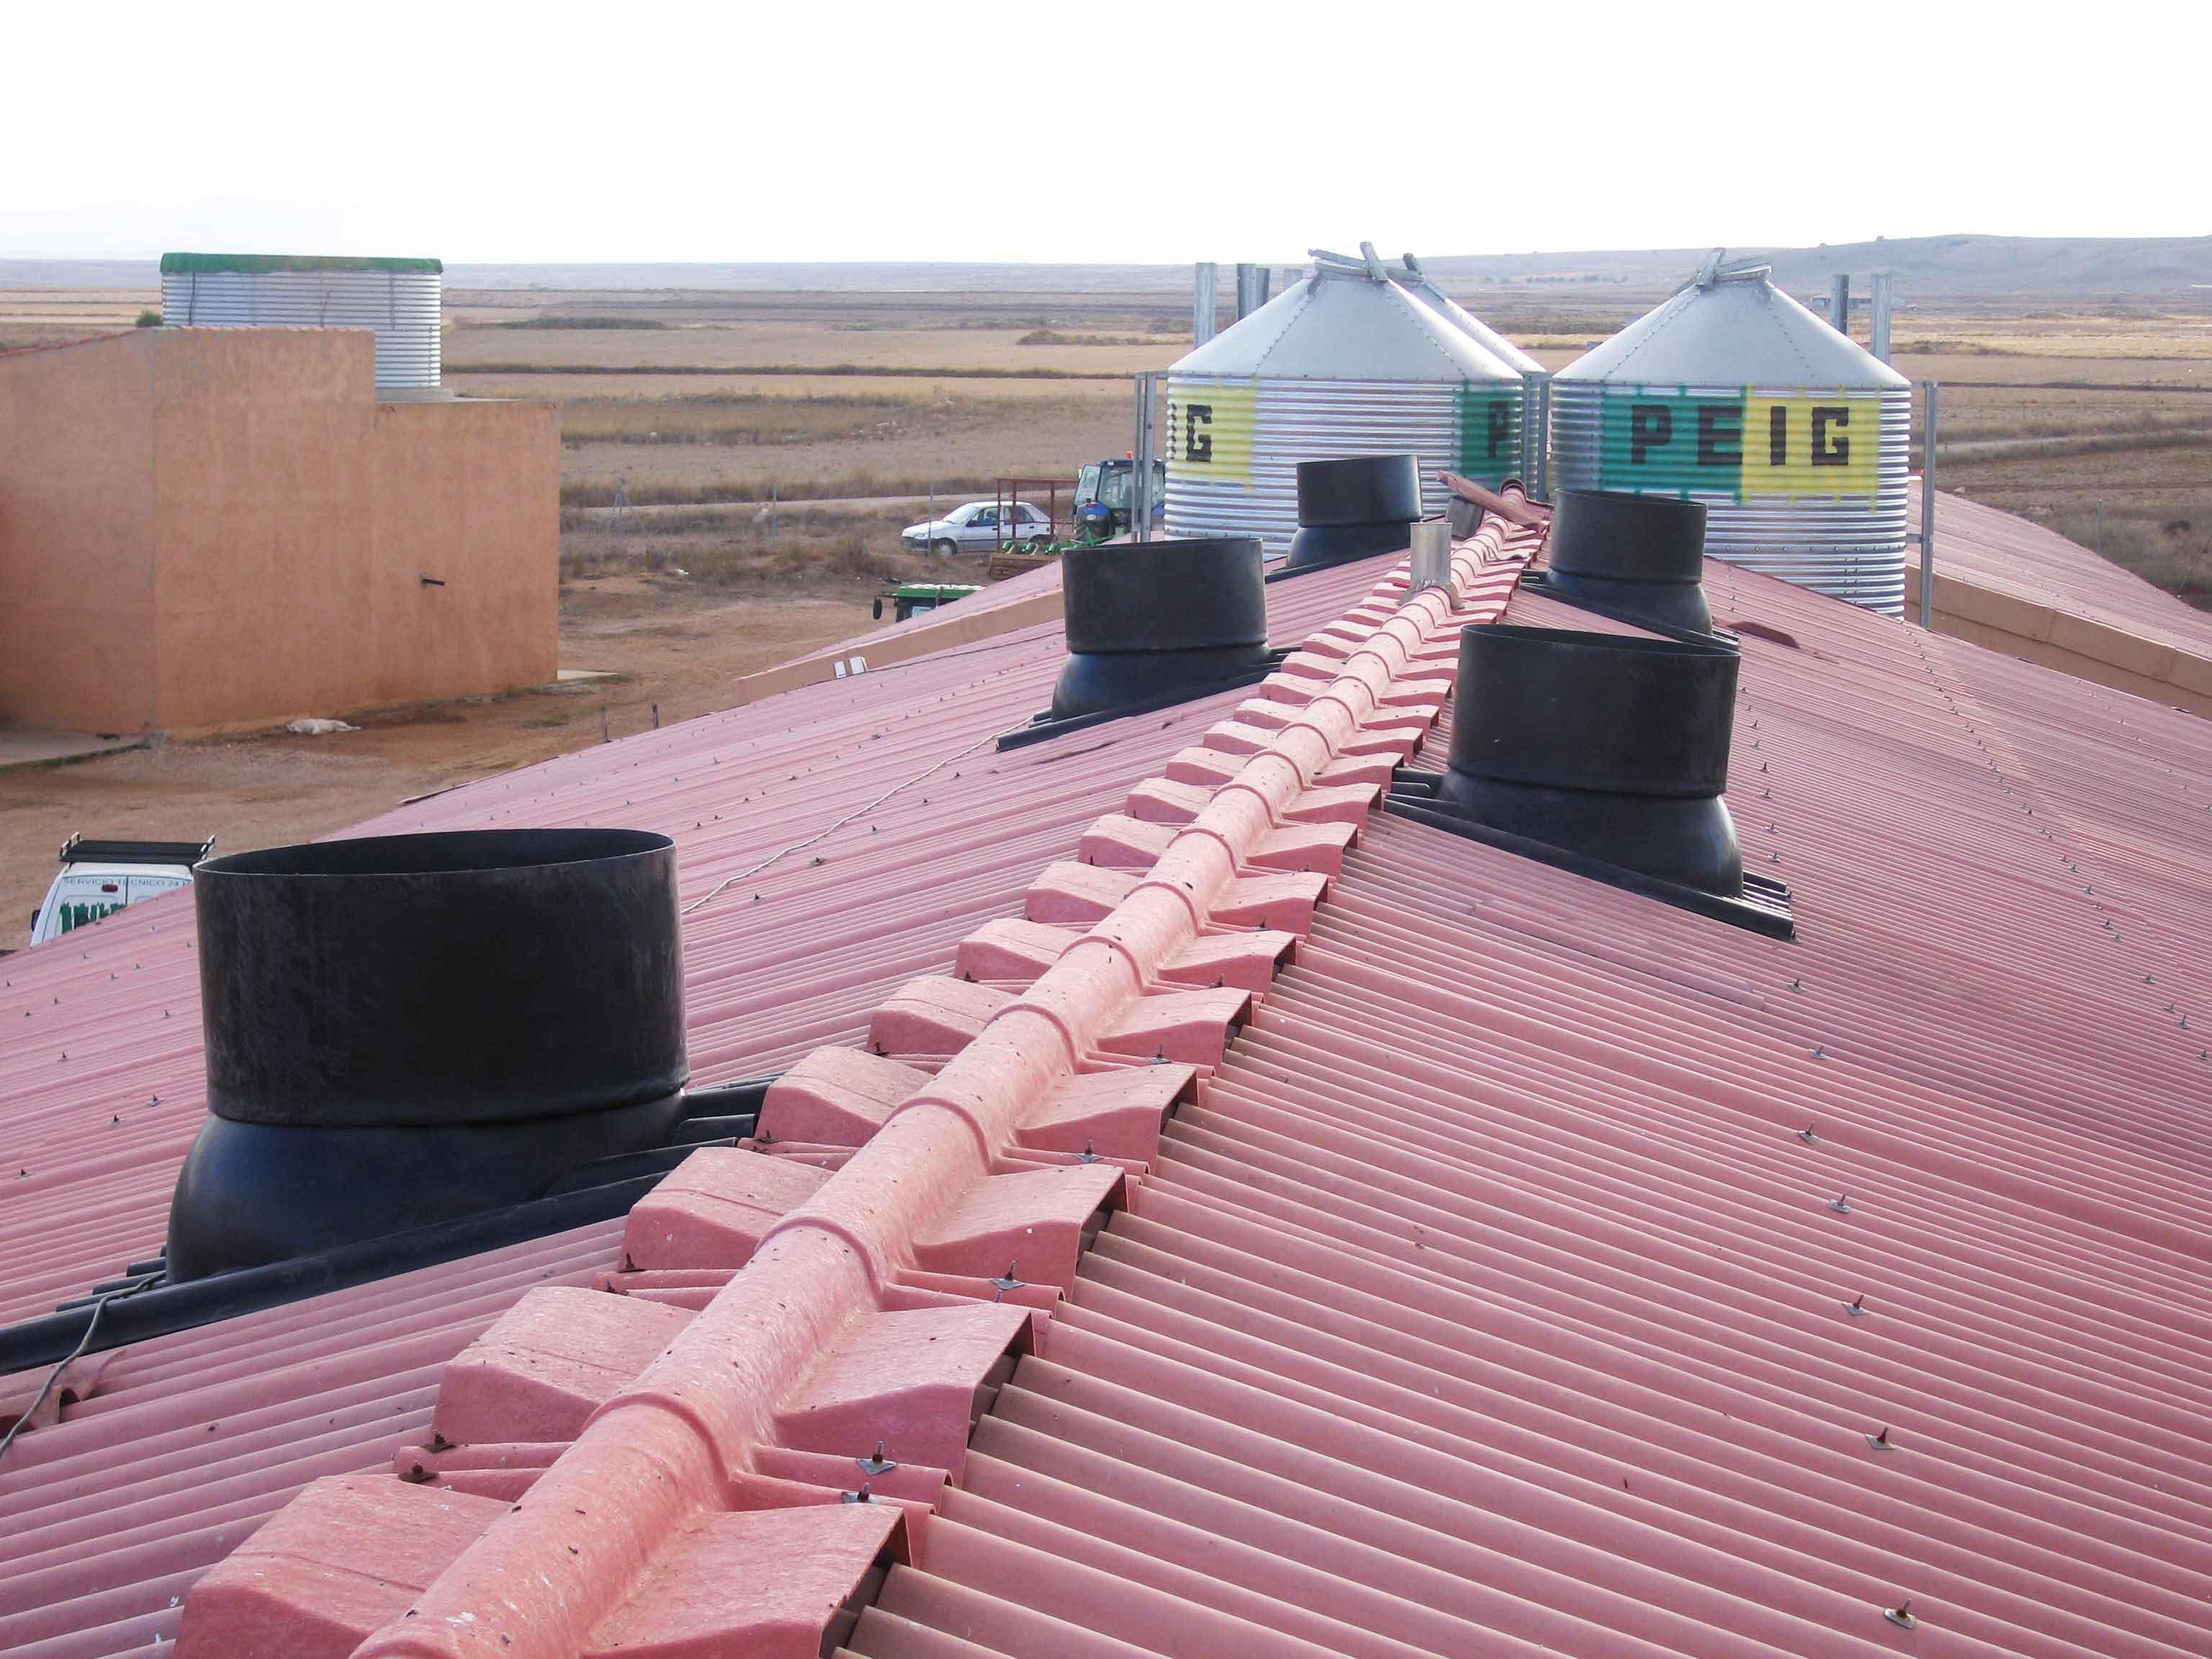 cubierta cebadero porcino con la instalación de chimeneas